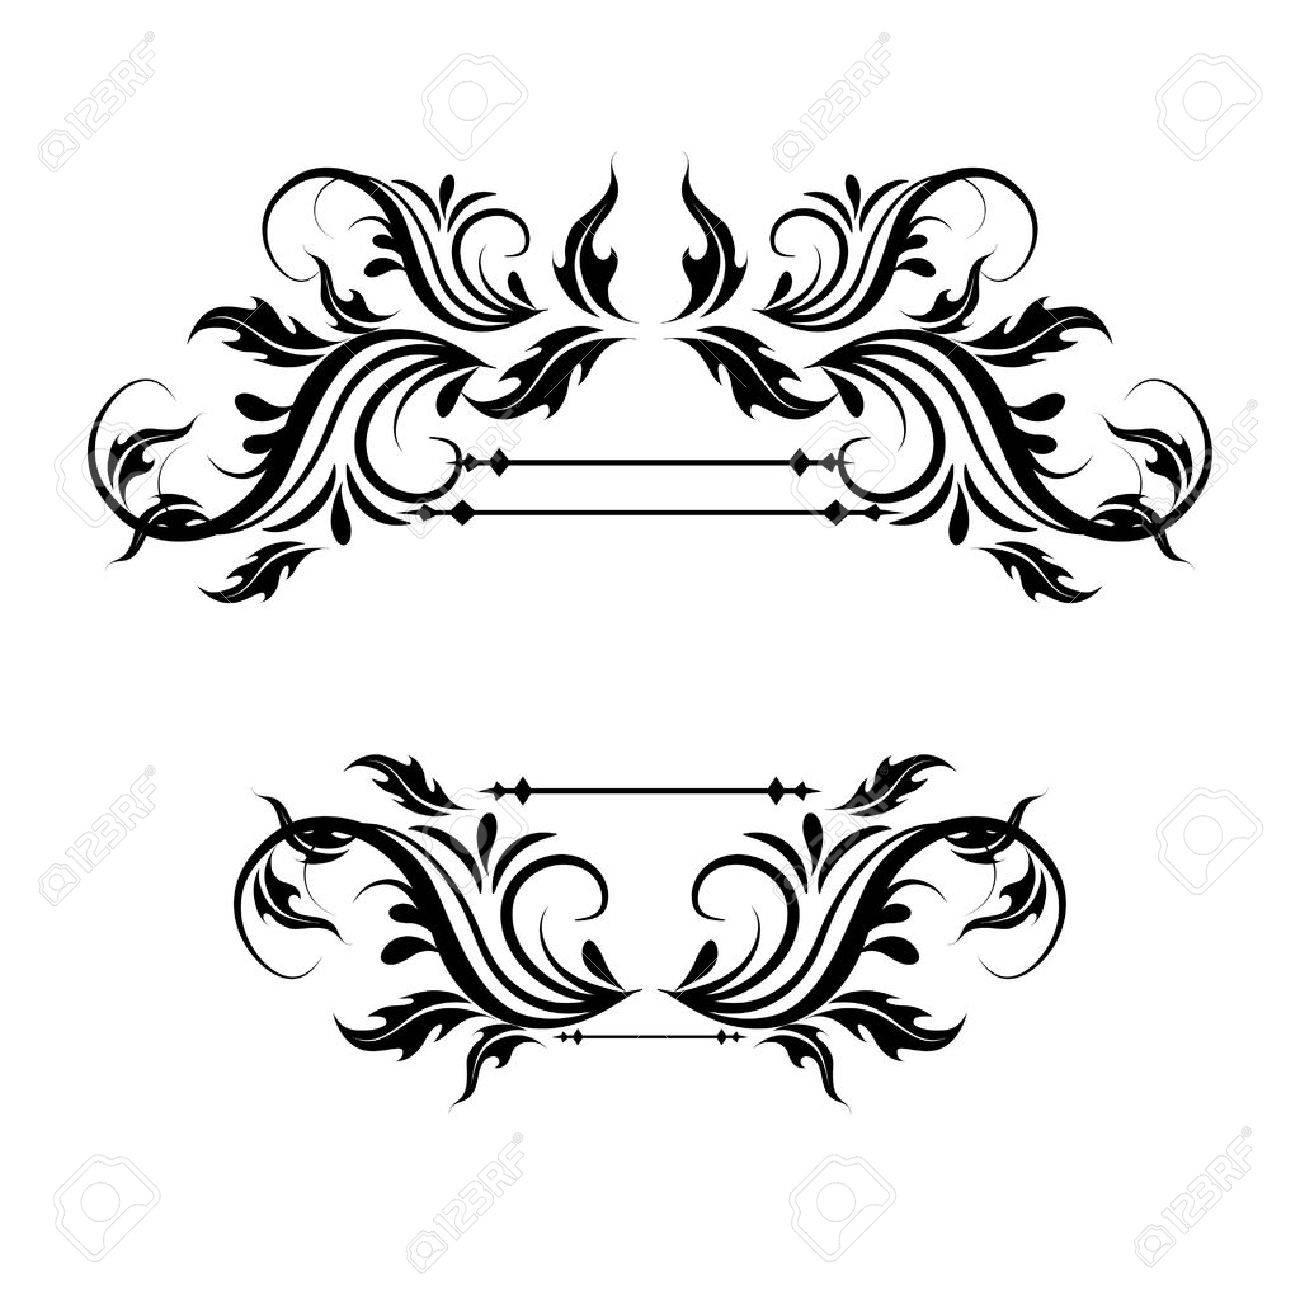 illustration of set of vintage design elements for page border - 39520523